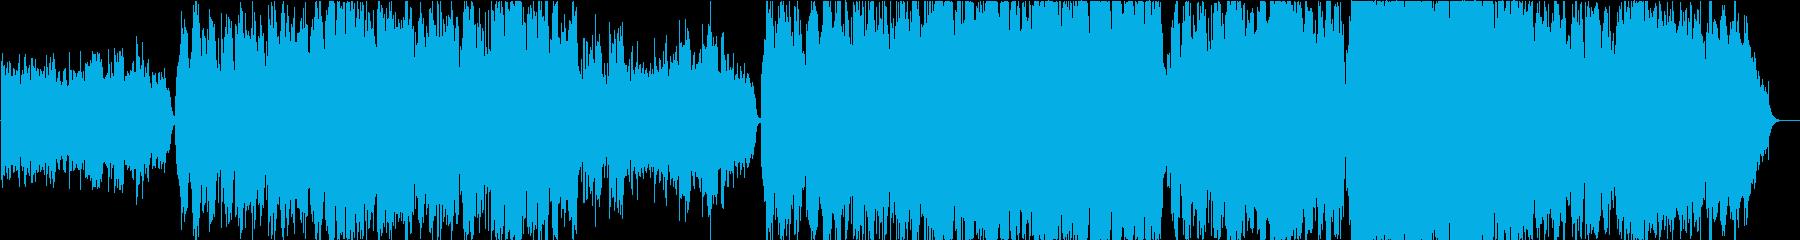 幻想的な二胡曲の再生済みの波形